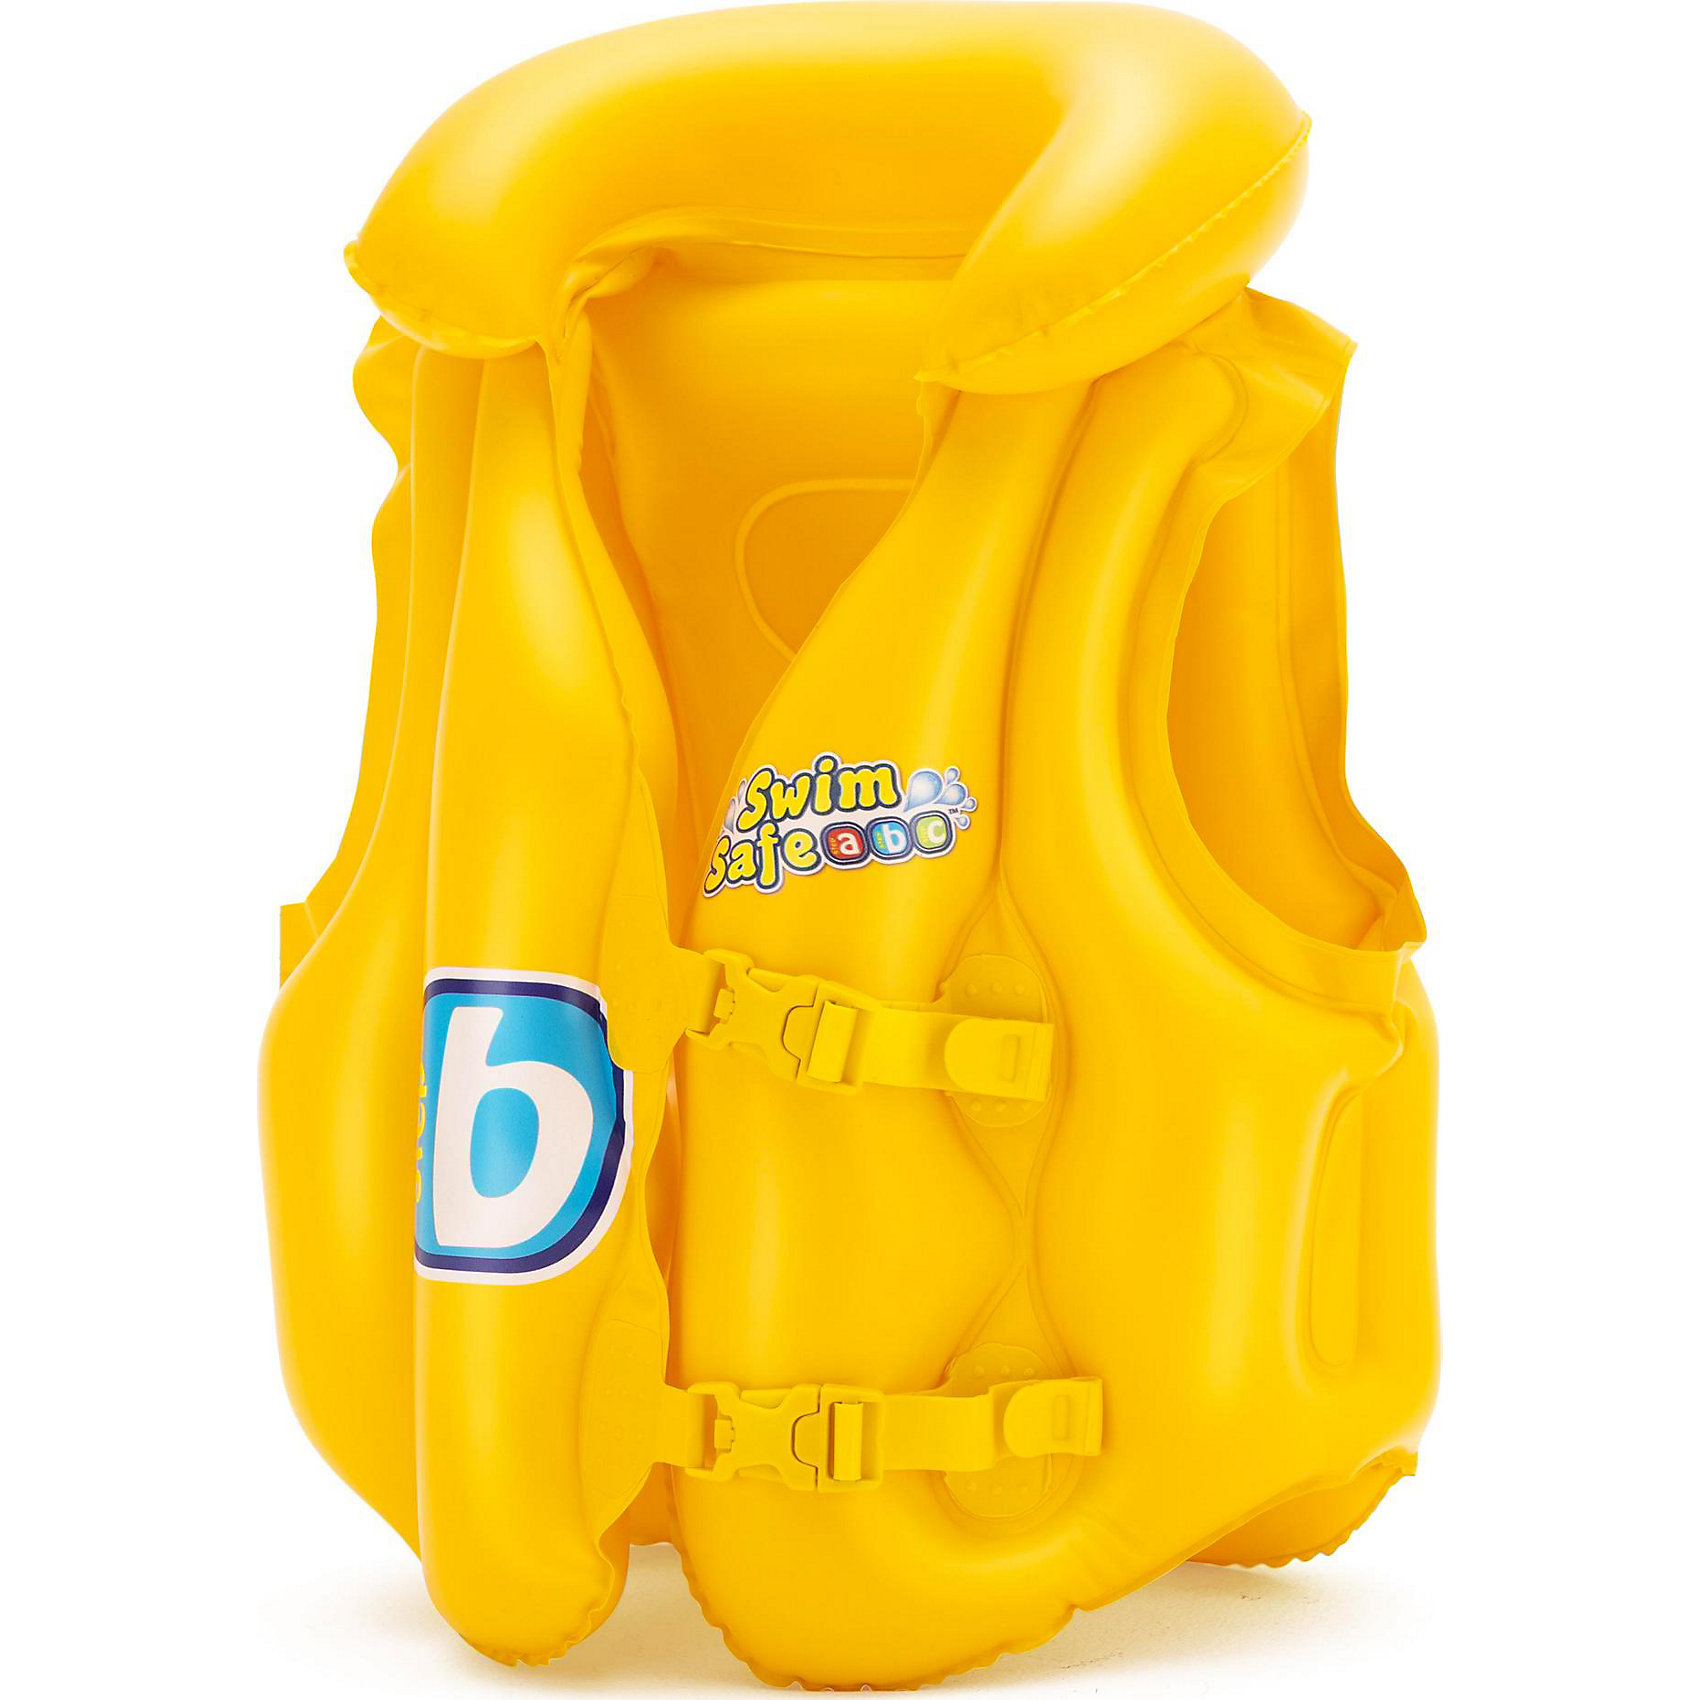 Жилет надувной Swim Safe, ступень B,  BestwayКруги и нарукавники<br>Характеристики товара:<br><br>• материал: винил<br>• цвет: желтый<br>• размер: 51х46 см<br>• легкий материал<br>• в комплекте заплатка для ремонта<br>• надувной воротник<br>• яркий цвет<br>• предохранительные клапаны<br>• 3 воздушные камеры<br>• 2 быстрорастегиваемых регулируемых пряжки<br>• хорошо заметен на воде<br>• возраст: от 3 до 6 лет<br>• страна бренда: США, Китай<br>• страна производства: Китай<br><br>Это отличный способ научить малышей плавать и обеспечить детям веселое времяпровождение! Жилет поможет ребенку больше двигаться в воде и поддерживать хорошую физическую форму.<br><br>Предмет сделан из прочного материала, но очень легкого - отлично держится на воде. Жилет легкий, его удобно брать с собой. Изделия произведены из качественных и безопасных для детей материалов.<br><br>Жилет надувной Swim Safe, ступень B, от бренда Bestway (Бествей) можно купить в нашем интернет-магазине.<br><br>Ширина мм: 140<br>Глубина мм: 30<br>Высота мм: 215<br>Вес г: 276<br>Возраст от месяцев: 36<br>Возраст до месяцев: 72<br>Пол: Унисекс<br>Возраст: Детский<br>SKU: 4051654